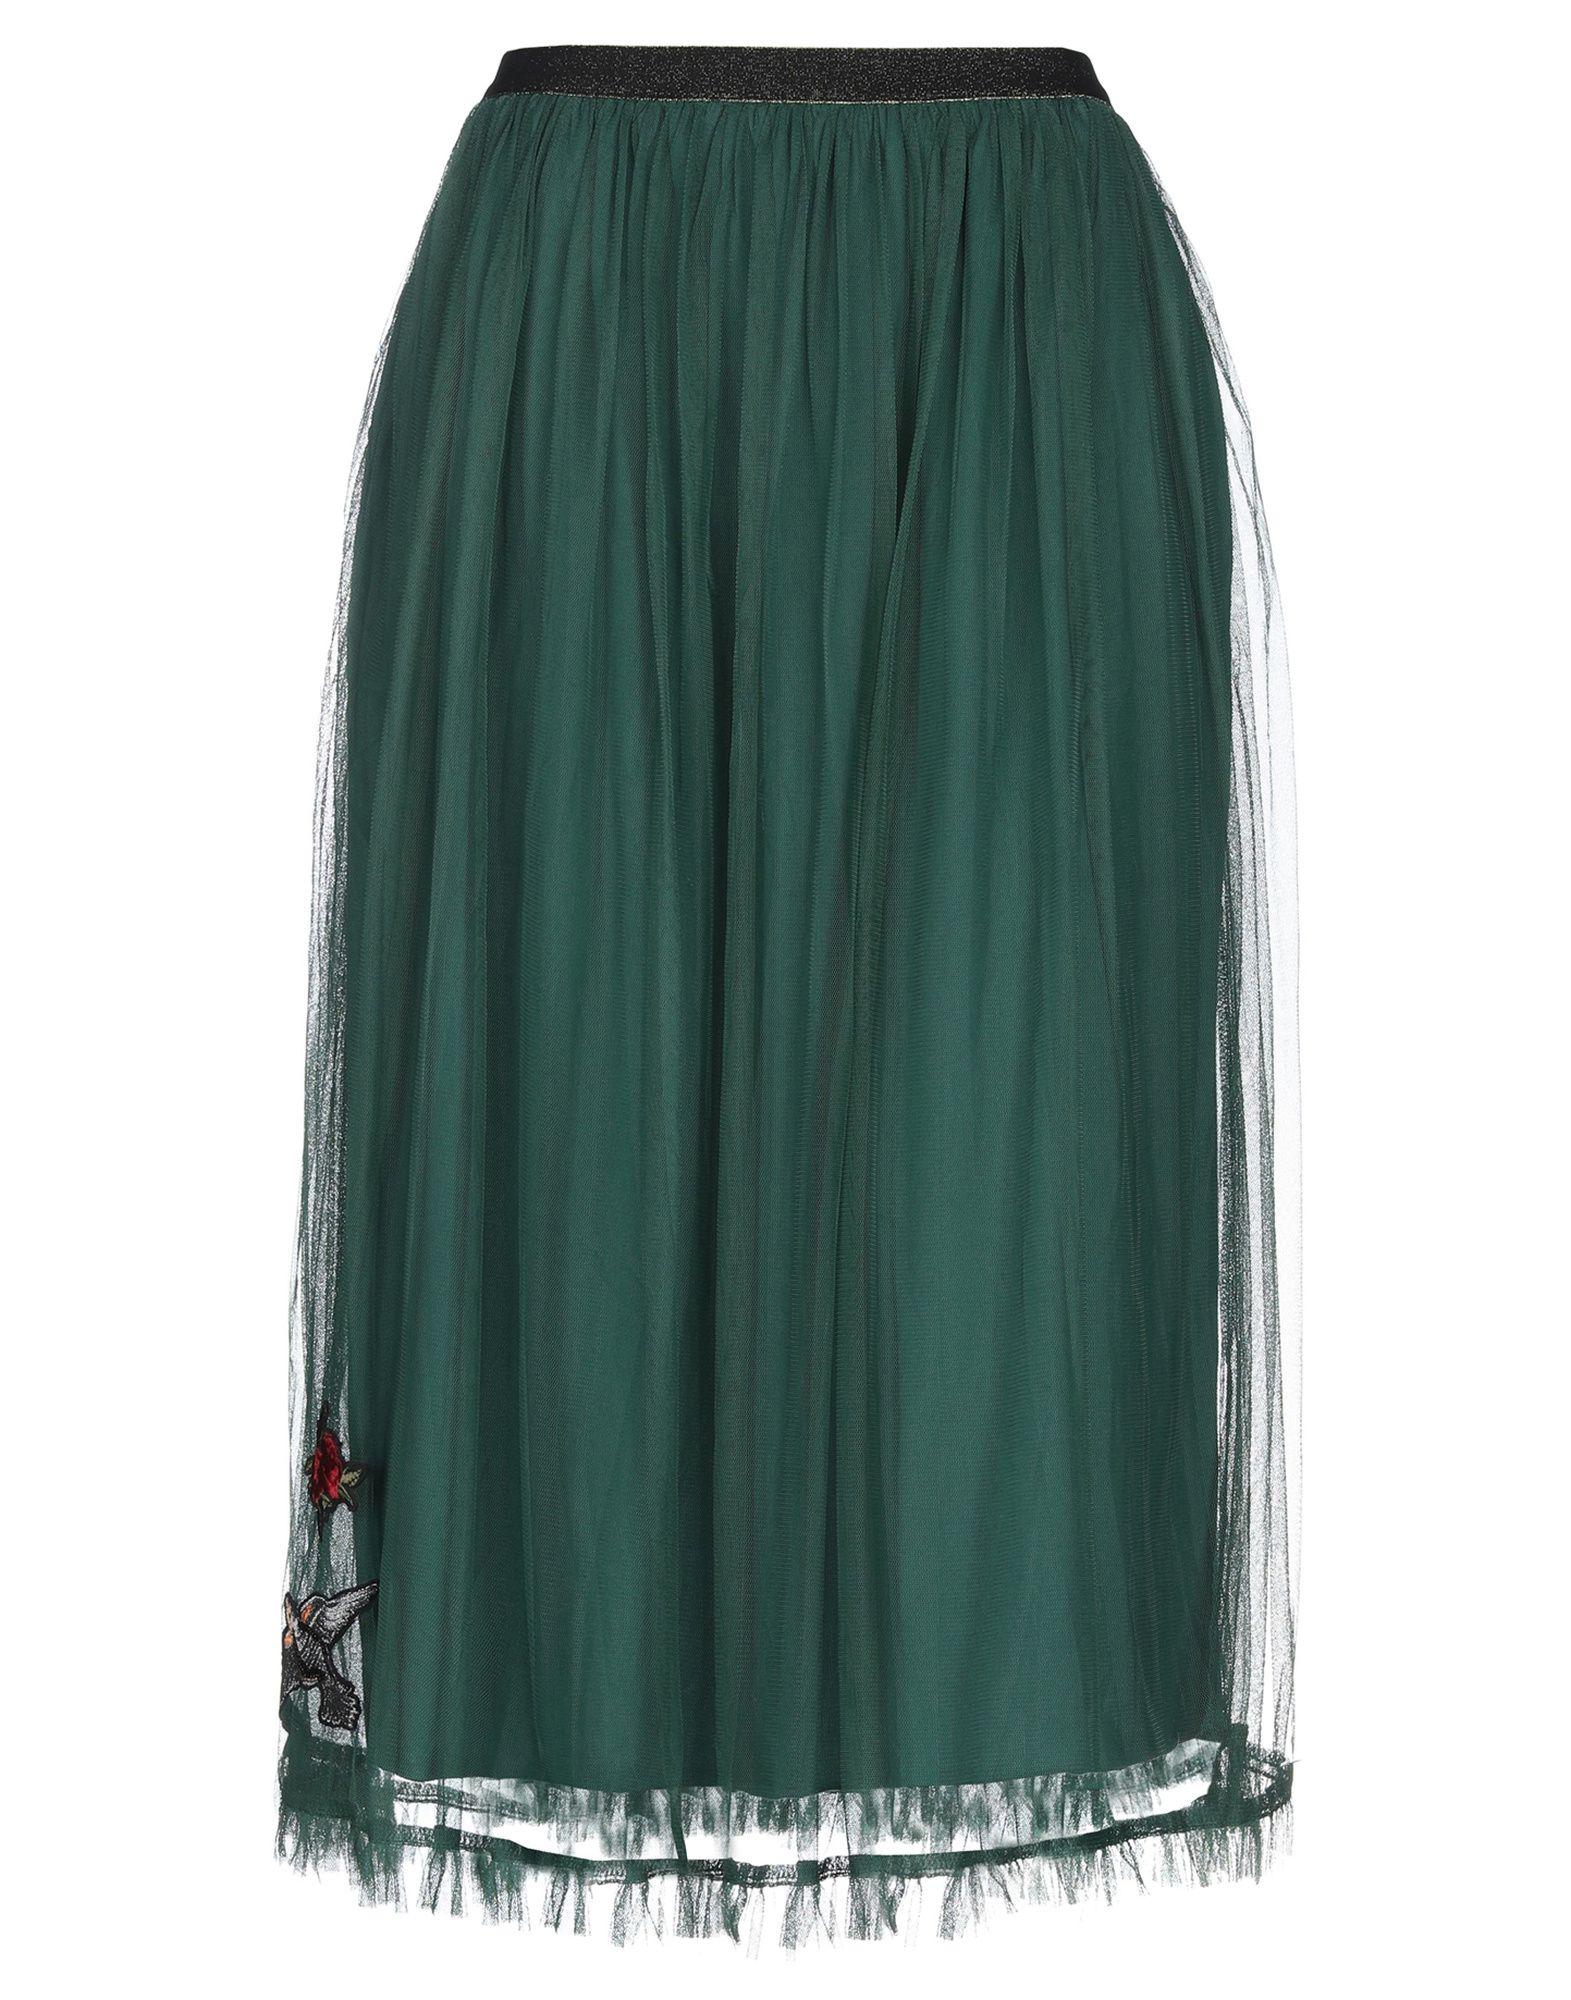 TOY G. Юбка длиной 3/4 katia g юбка длиной 3 4